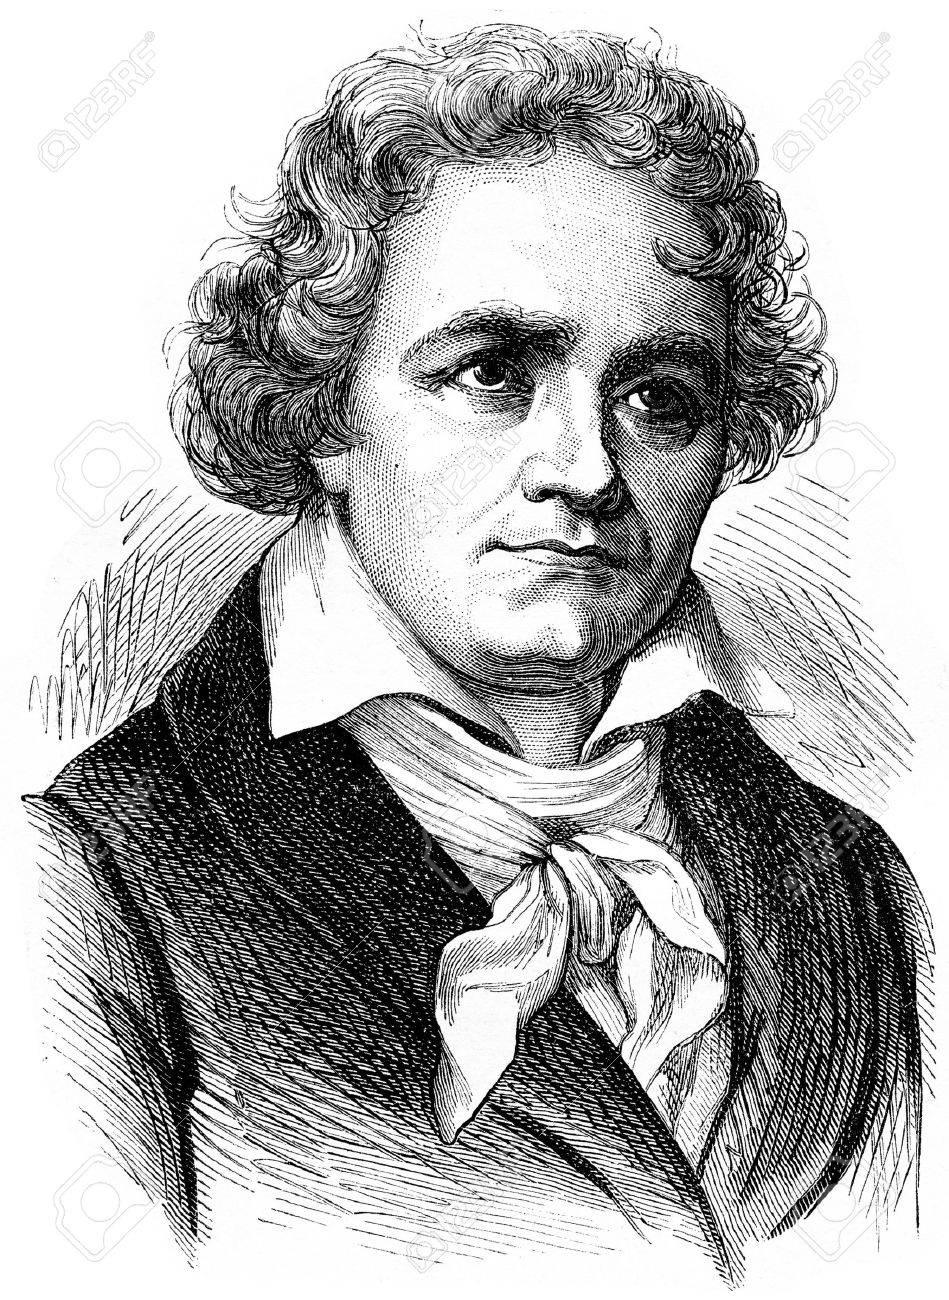 Beethoven, vintage engraved illustration. History of France – 1885. - 39824466